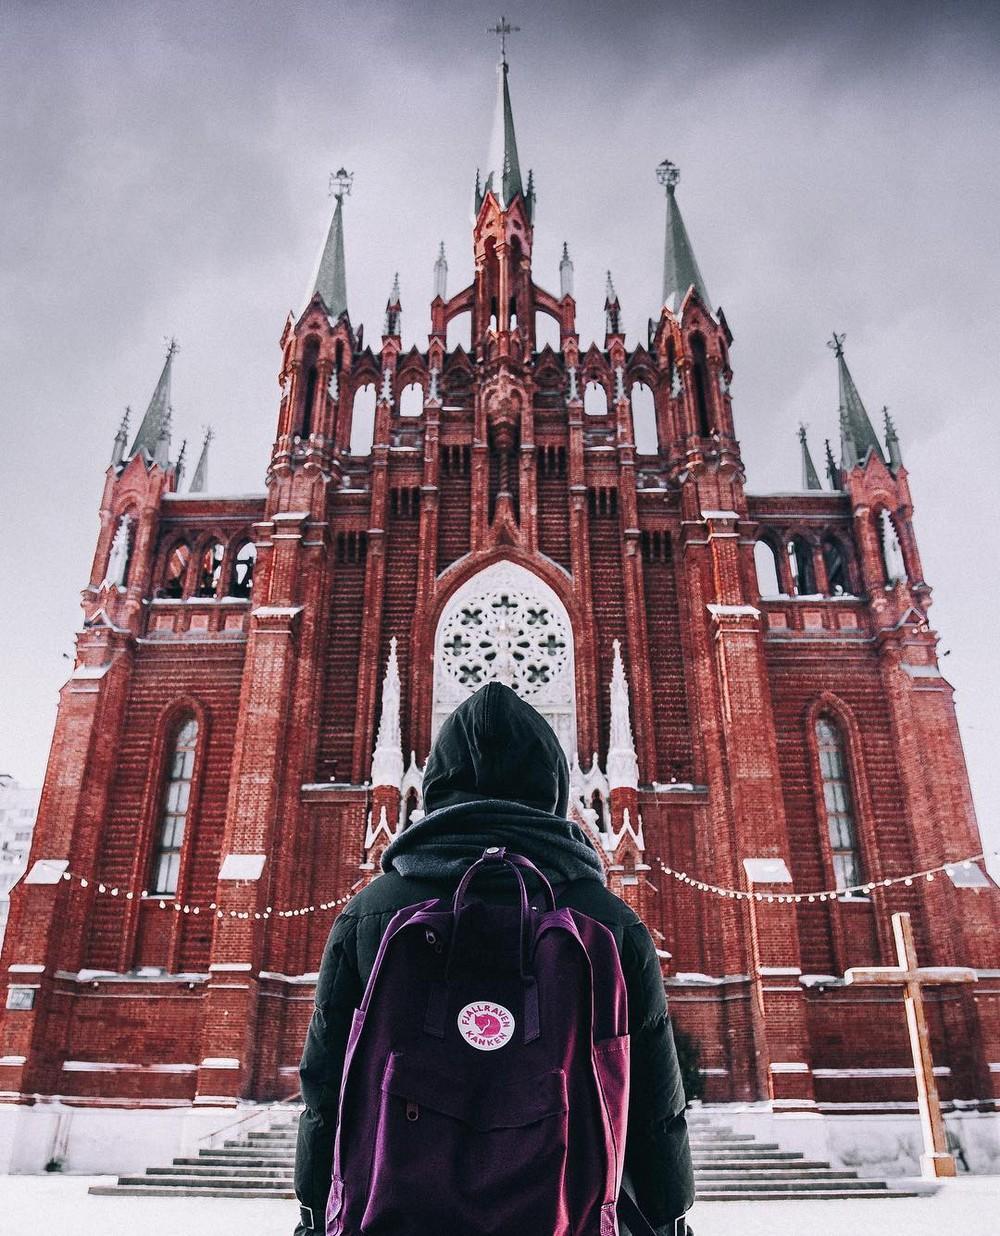 Потрясающие снимки из Instagram stel72